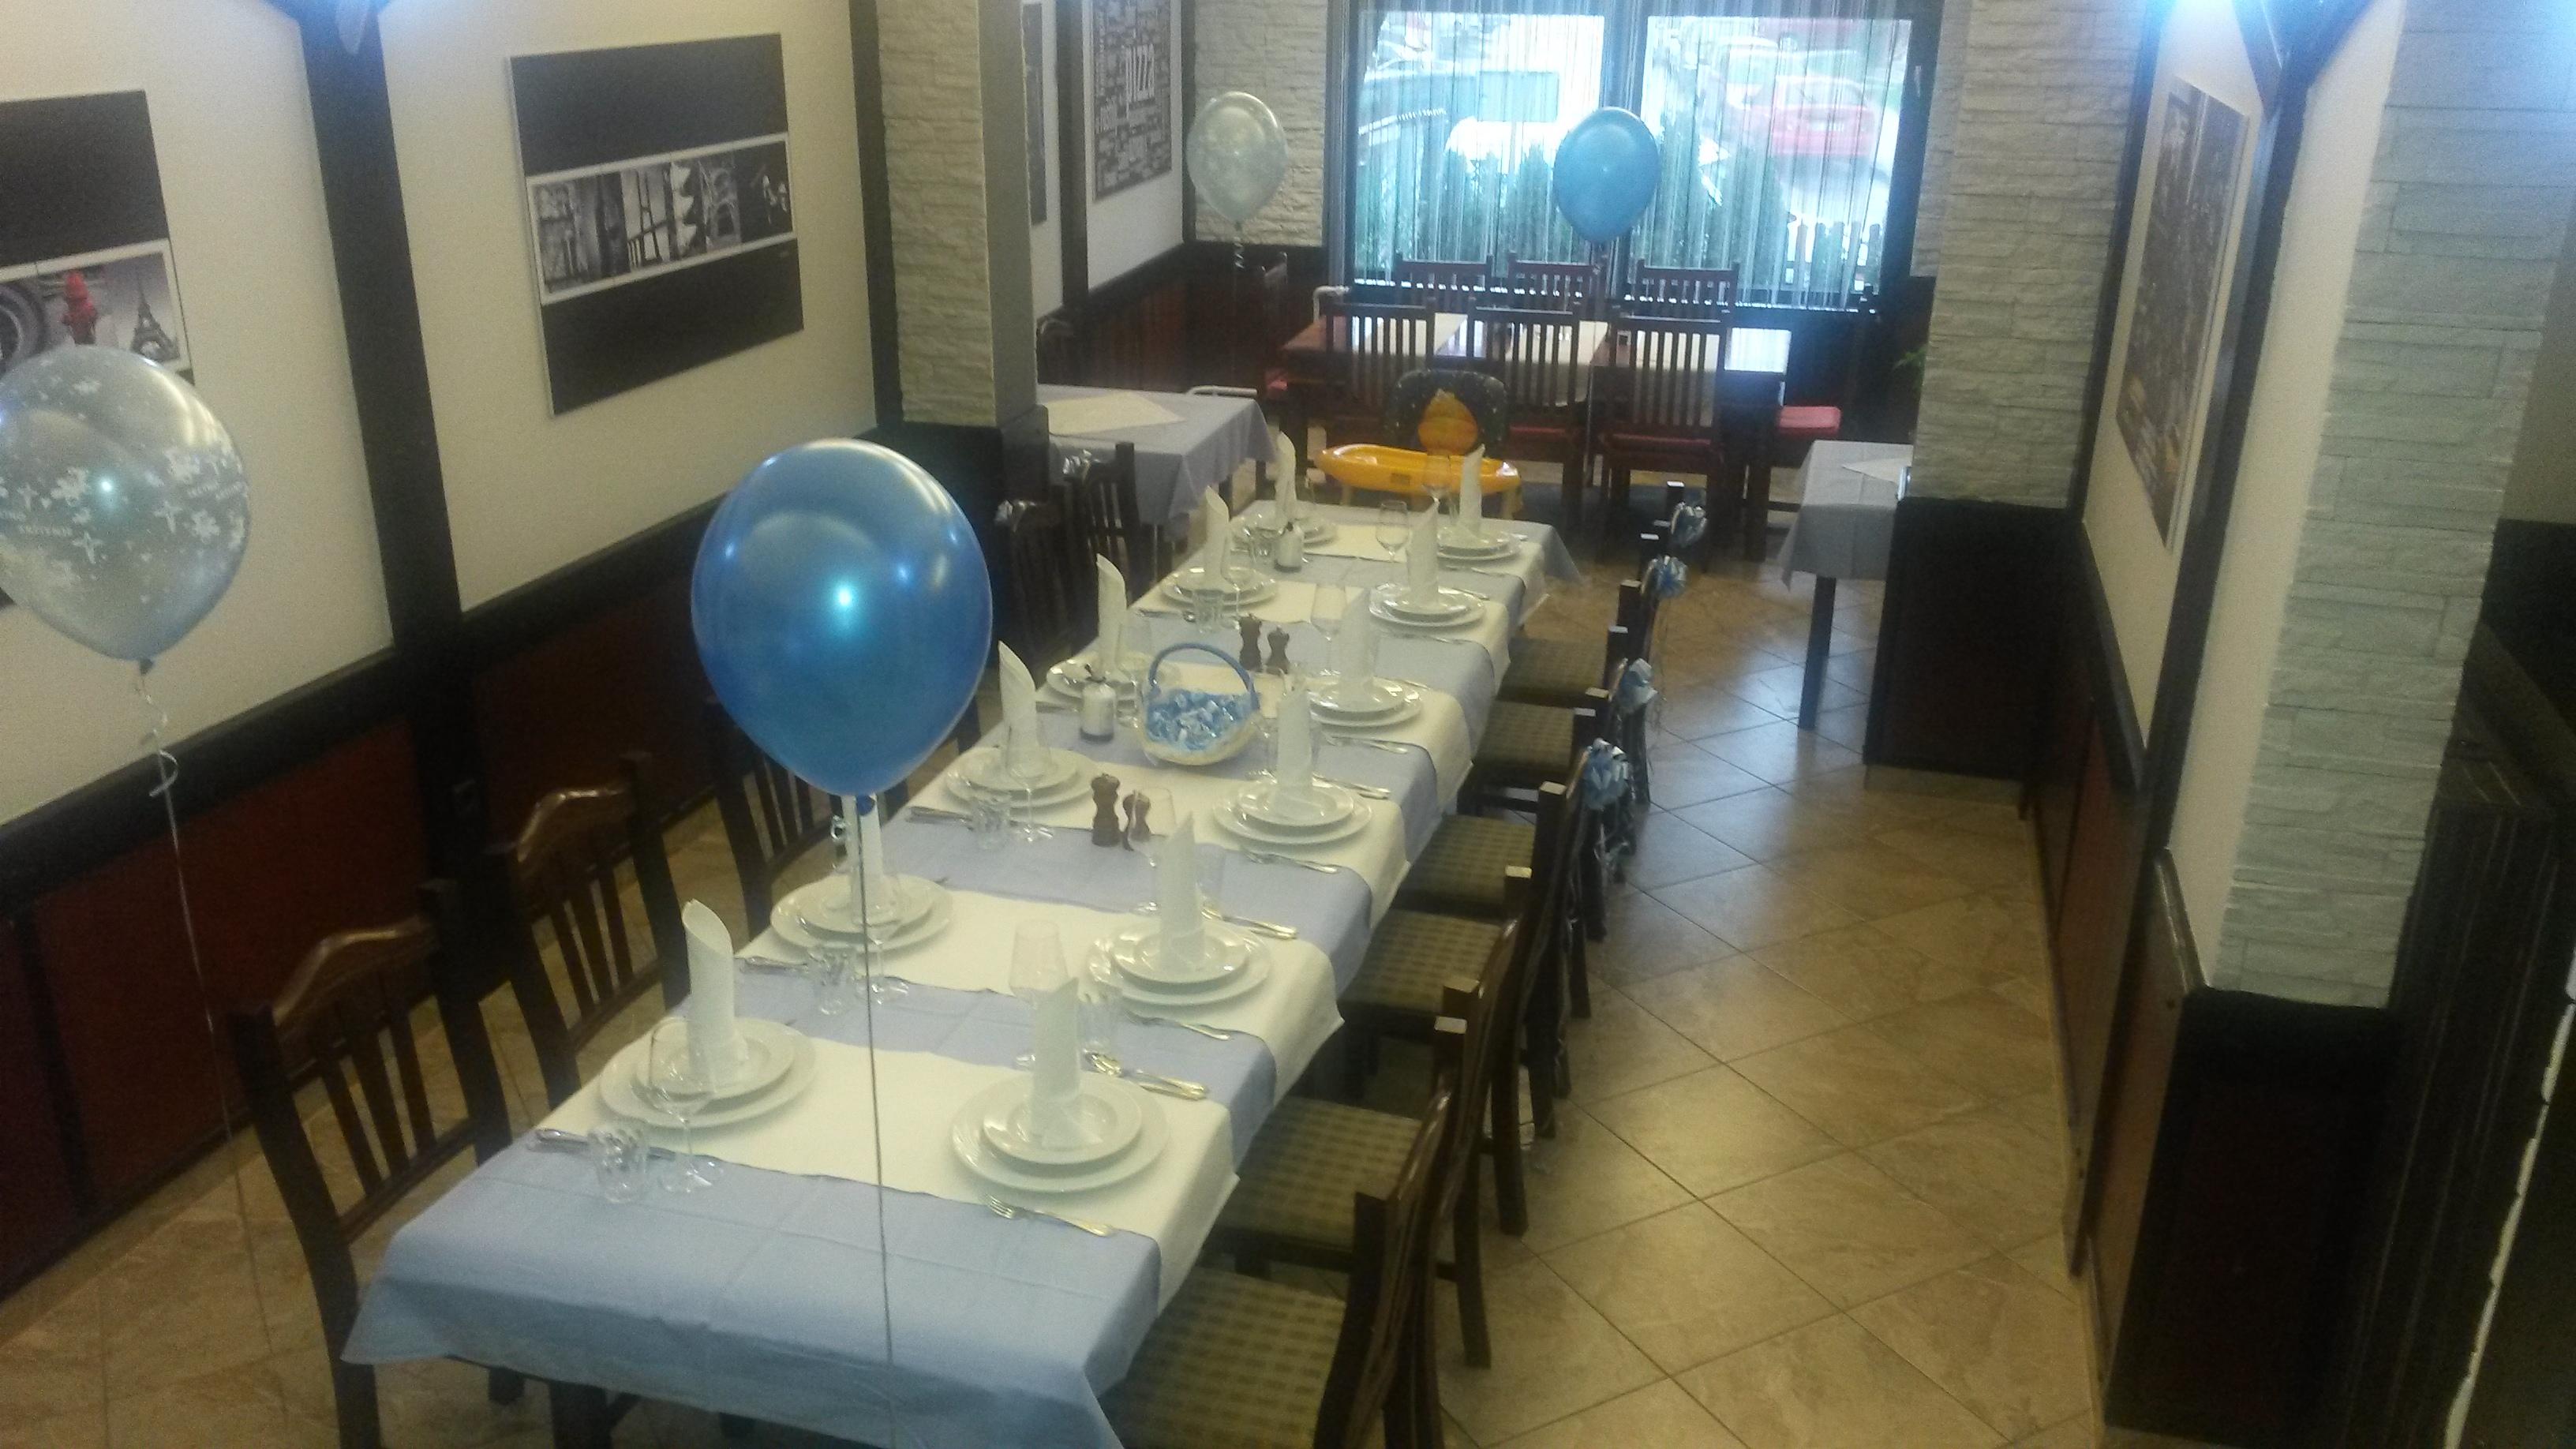 Krstitke, razne proslave i događaji u Ziher-u